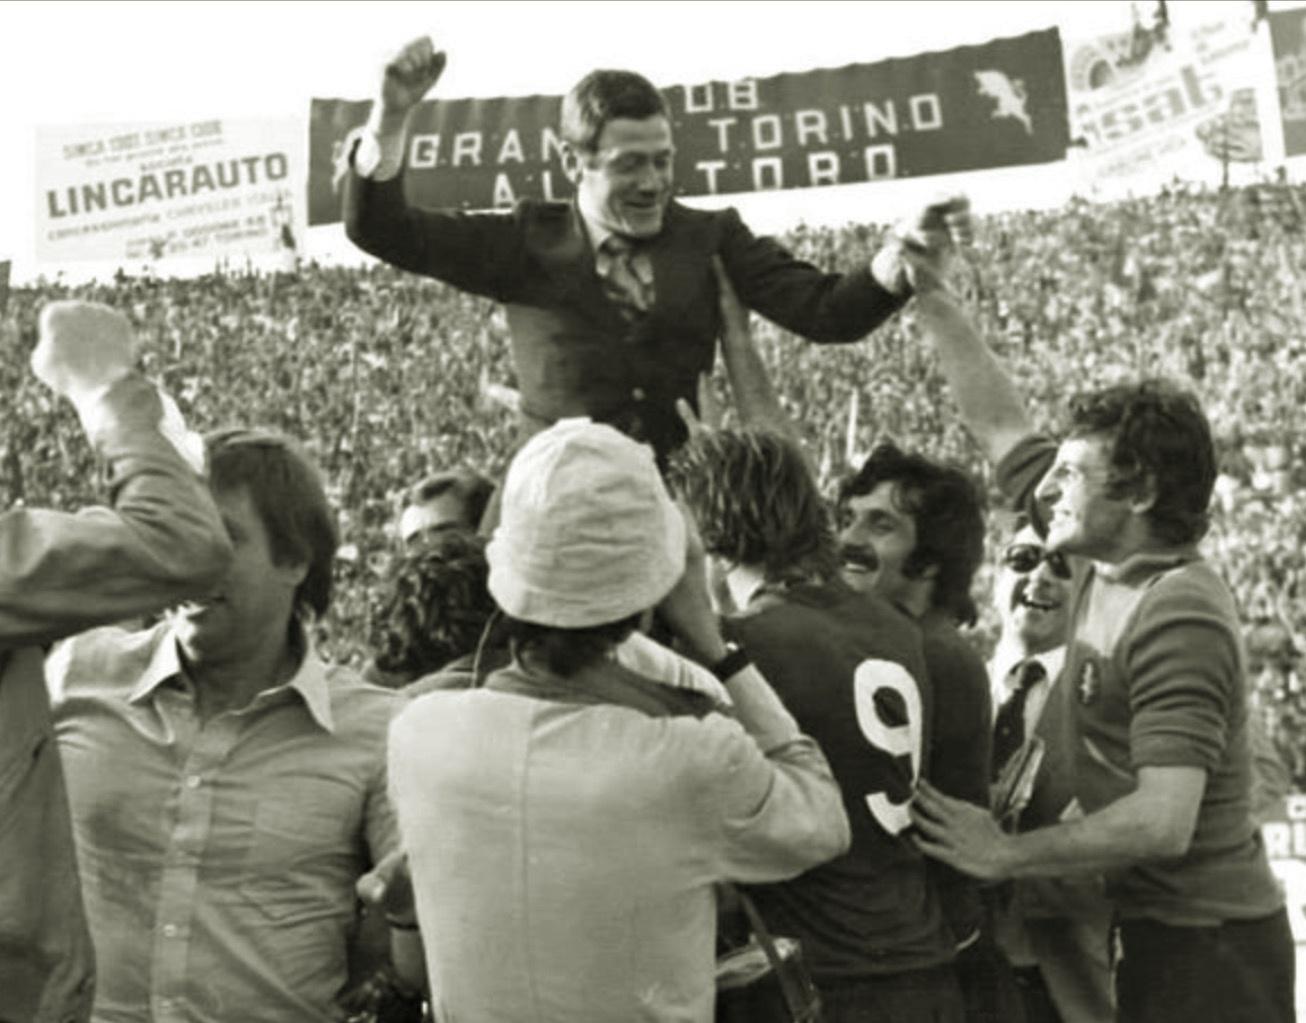 radice trionfo scudetto torino 1976